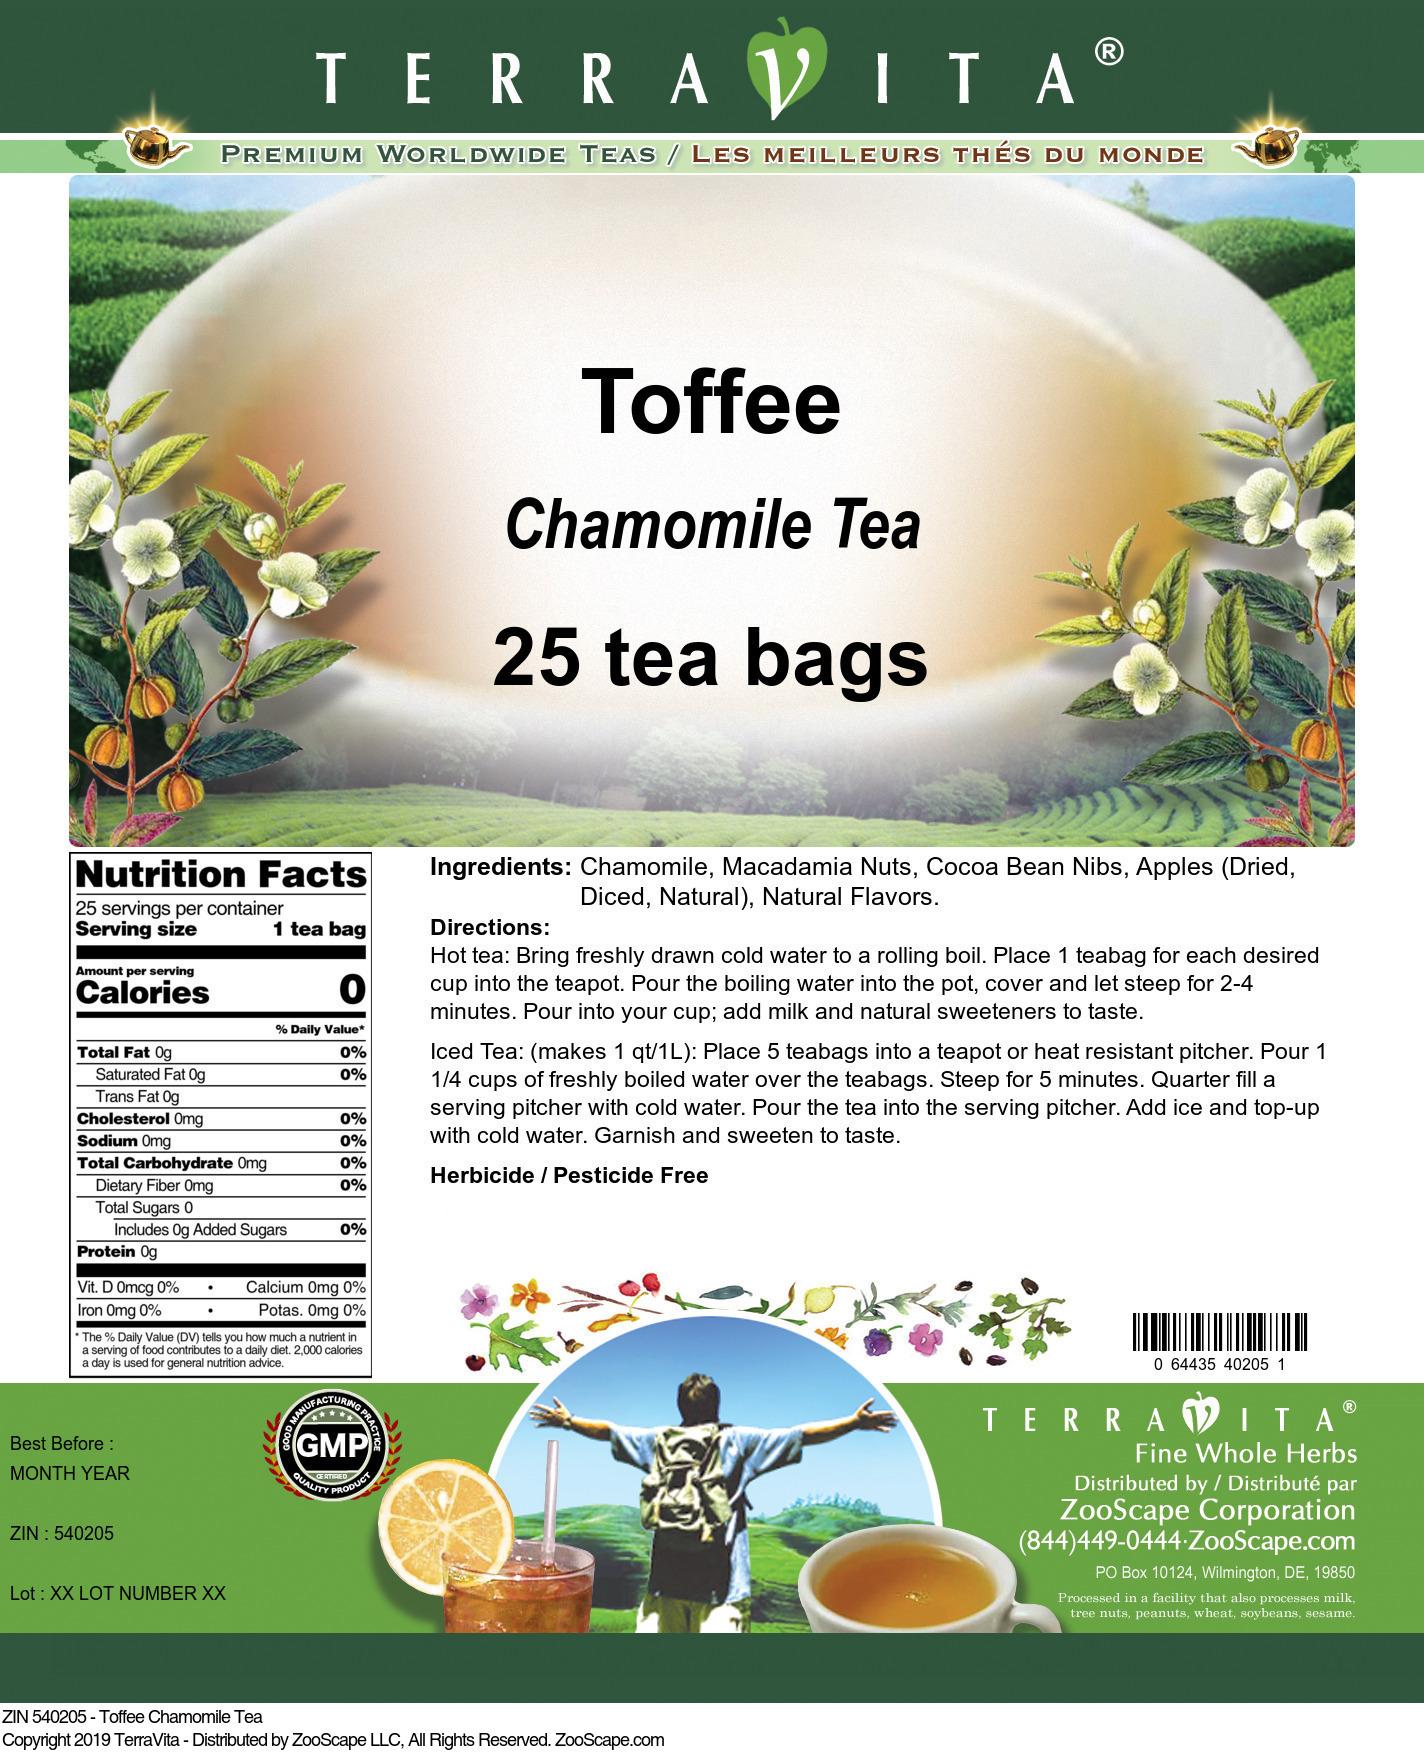 Toffee Chamomile Tea